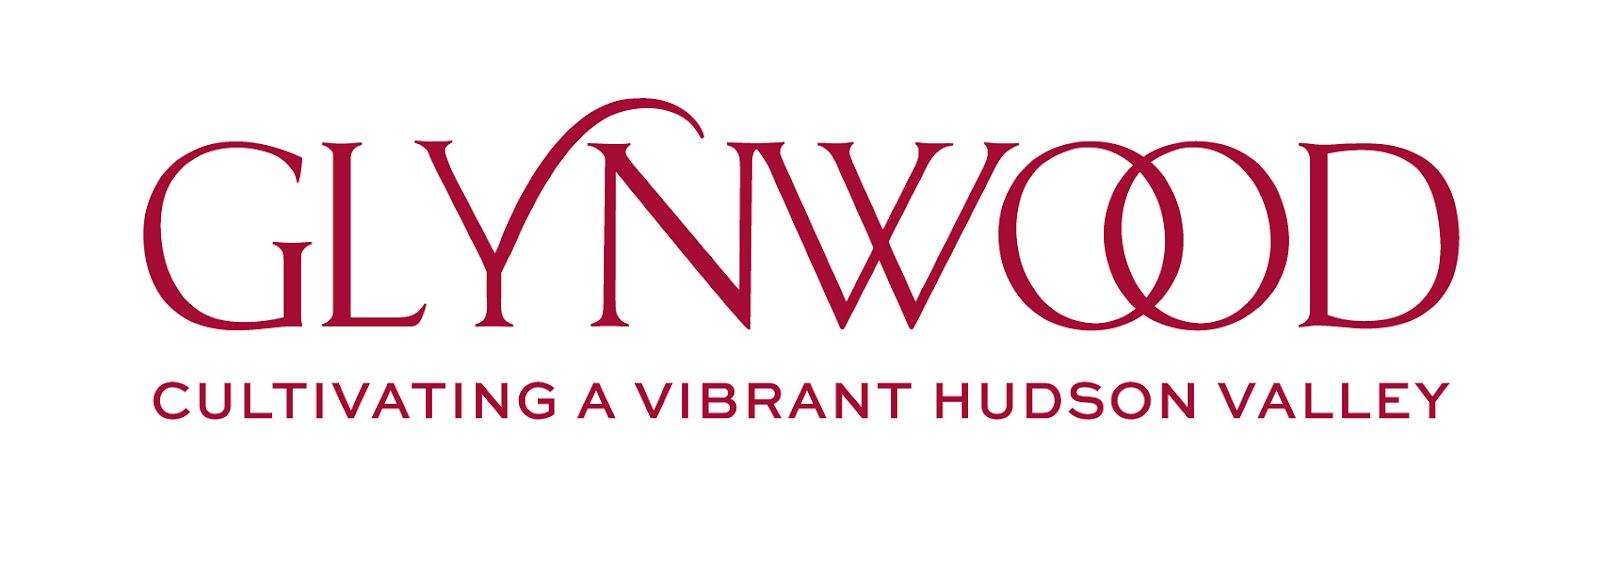 Glynwood Logo+Tagline.jpg